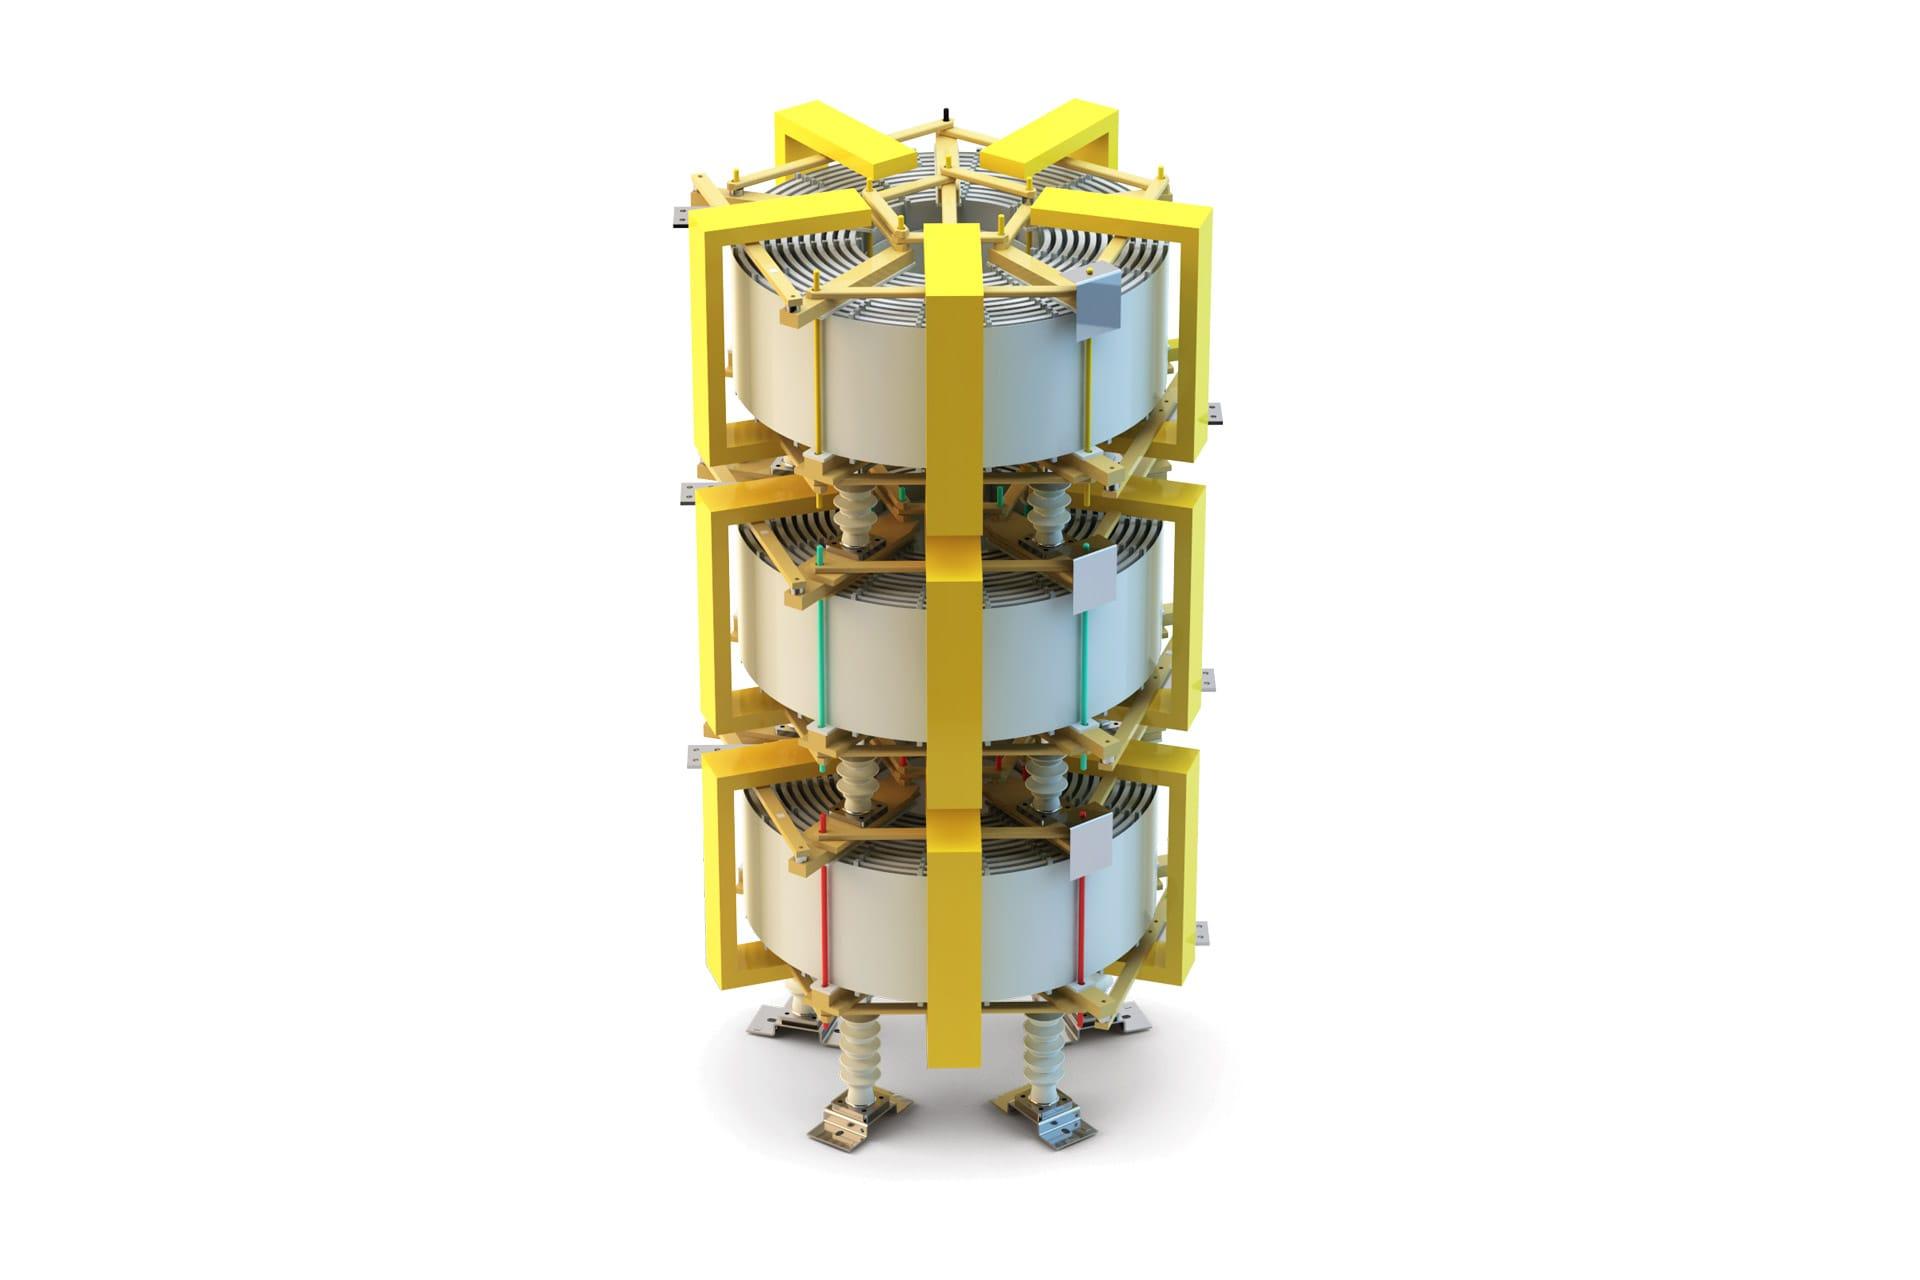 Ensons - Общий вид сухого токоограничивающего реактора броневого типа (желтый цвет)